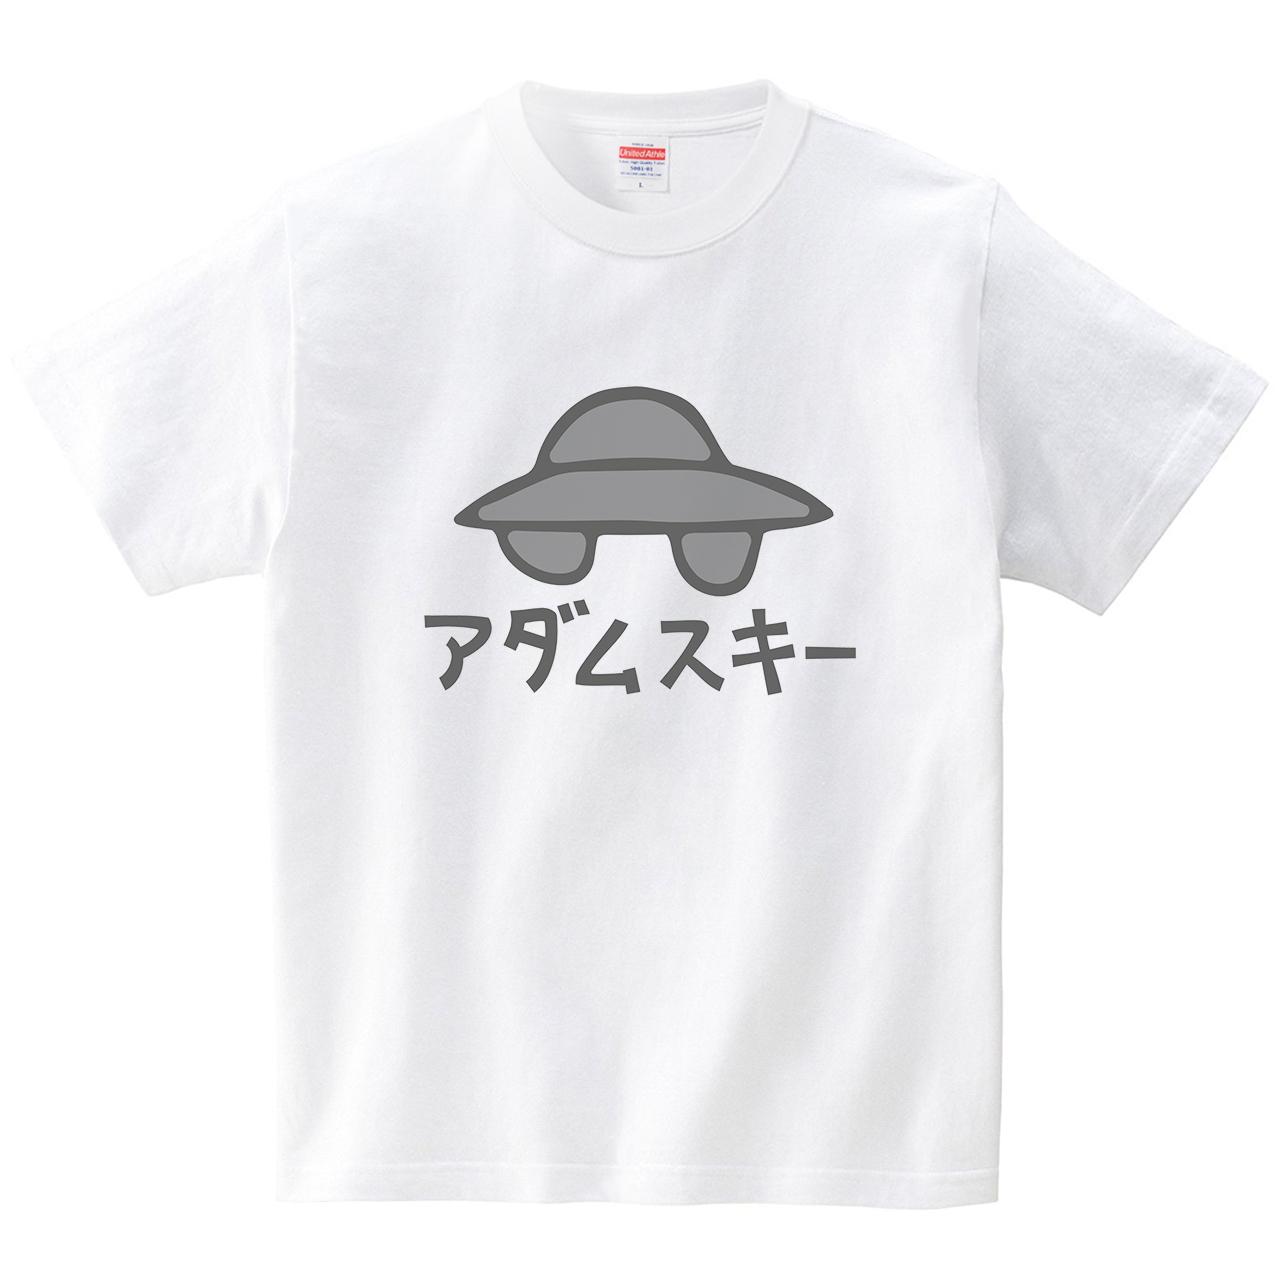 アダムスキー型(Tシャツ・ホワイト)(犬田猫三郎)